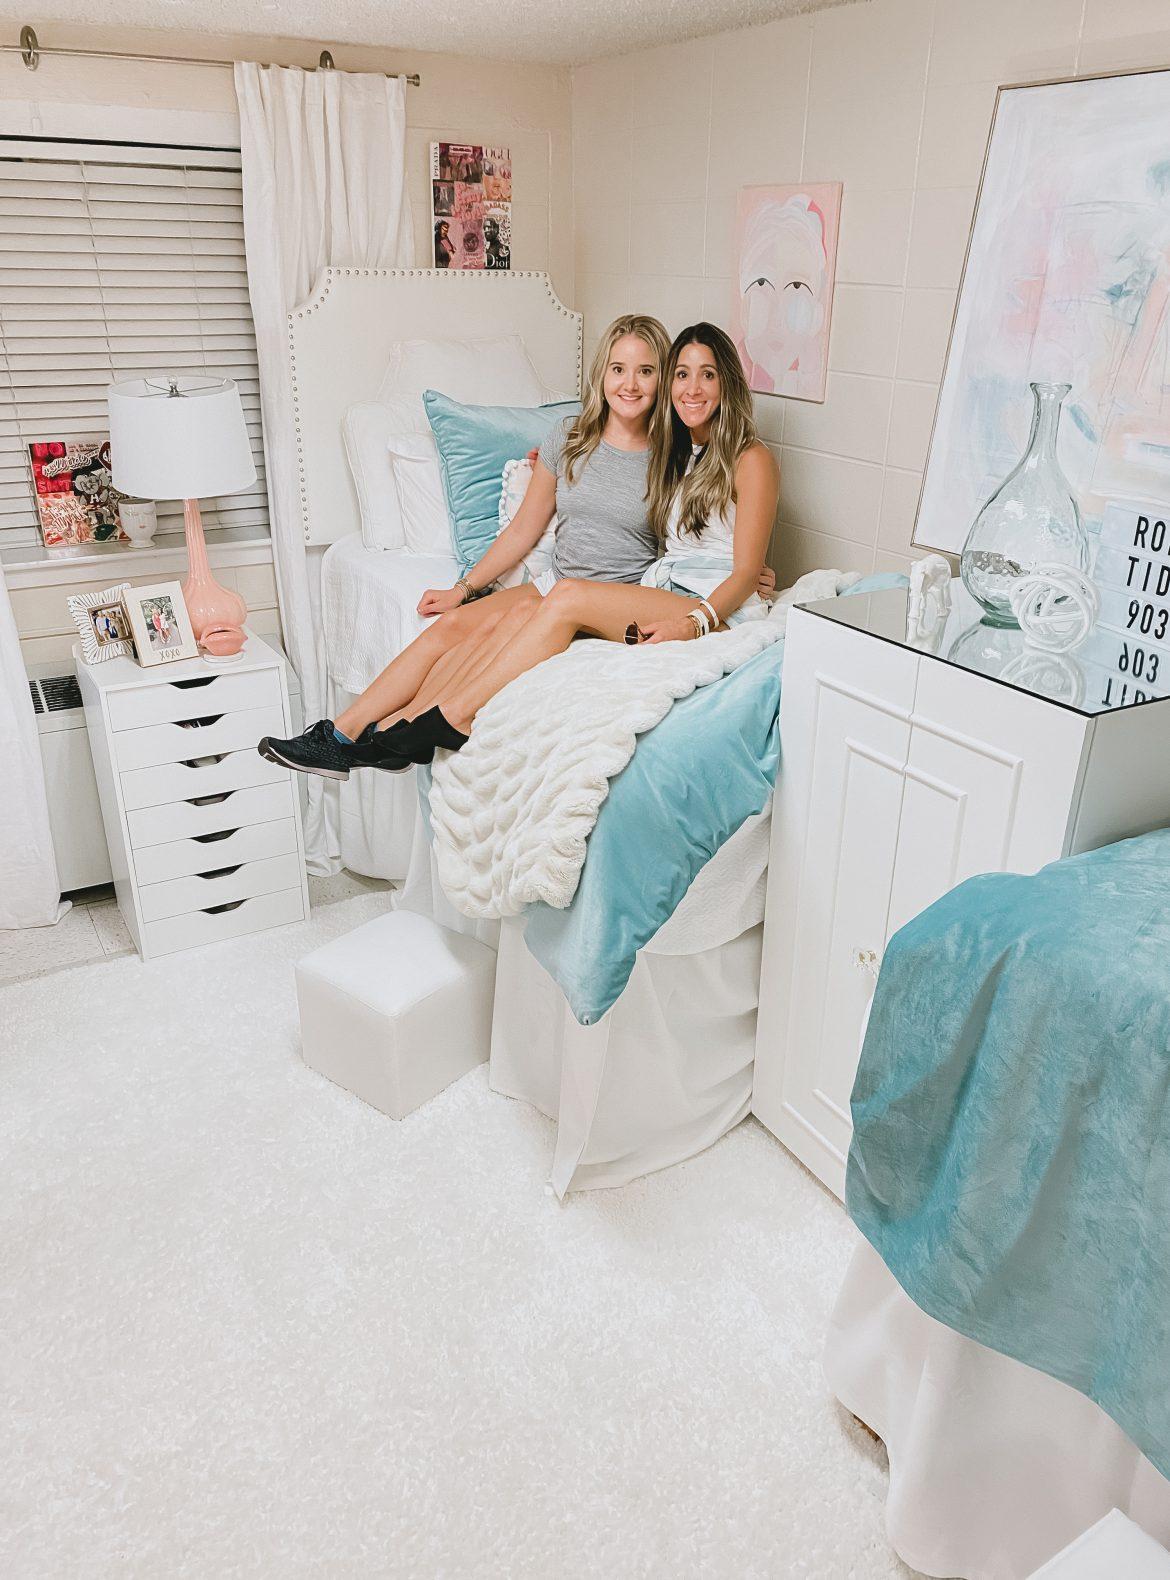 Tutwiler dorm decor